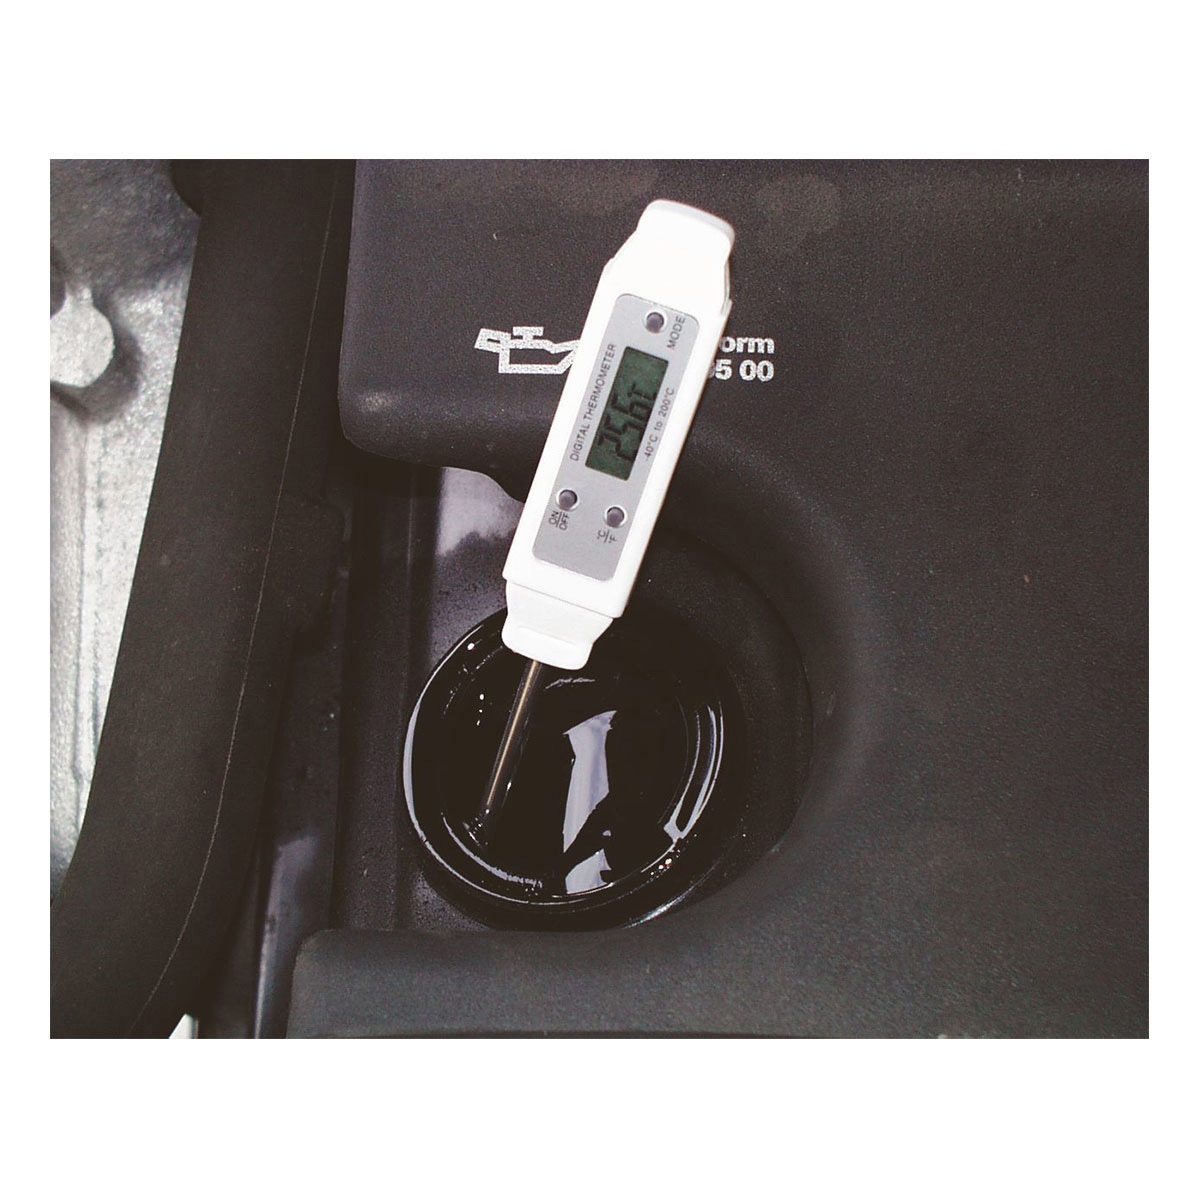 30-1013-digitales-einstichthermometer-pocket-digitemp-s-anwendung-1200x1200px.jpg